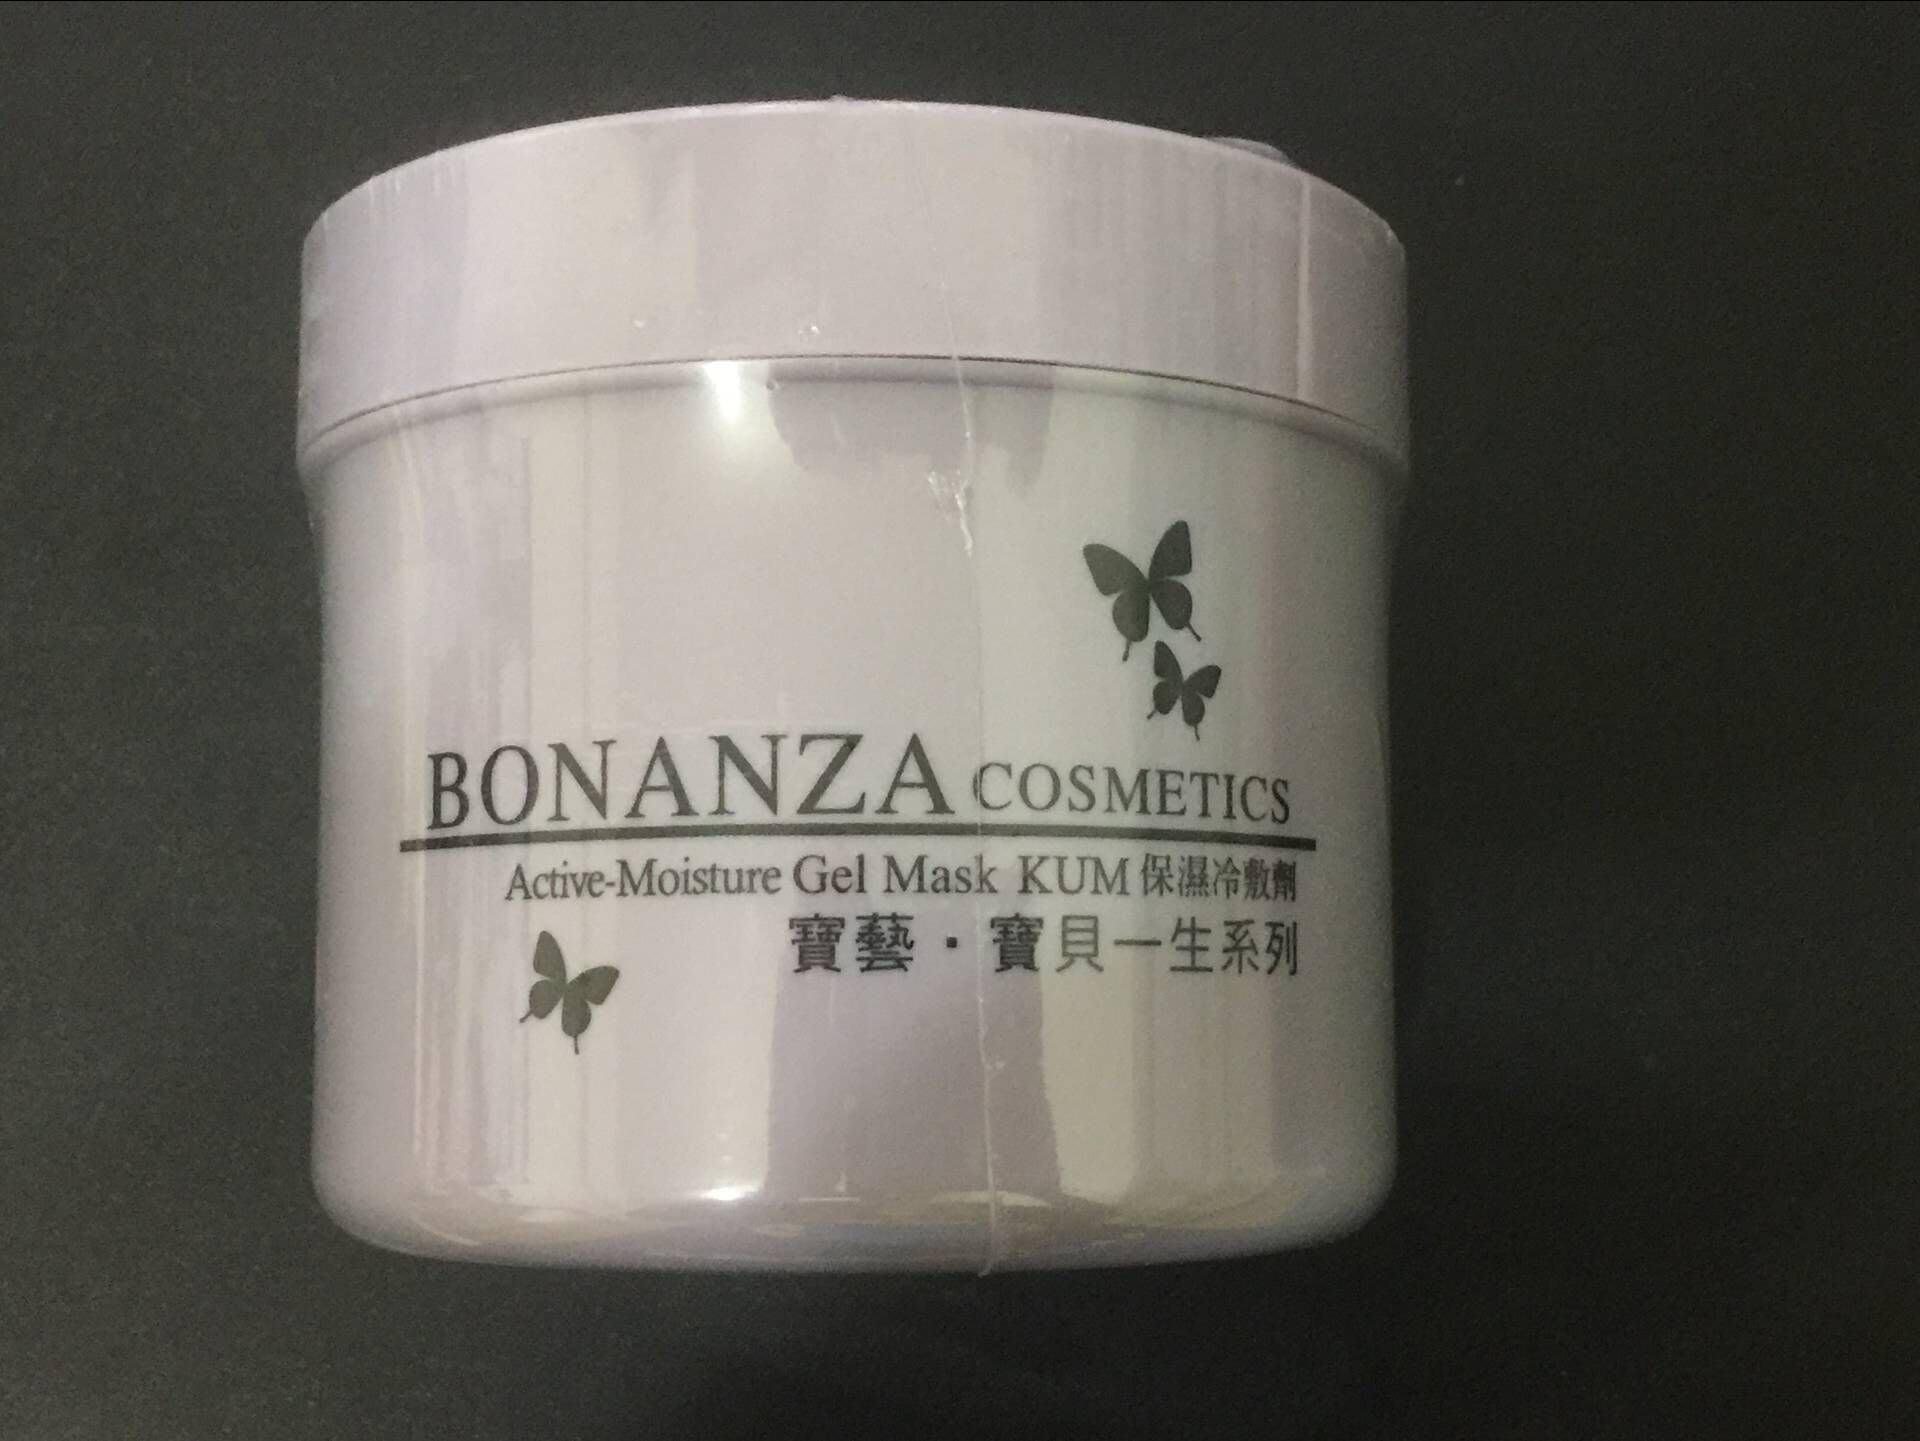 BONANZA寶藝保濕冷敷劑KUM冷膚劑 550g 日期新 買二瓶贈摩洛哥護髮油80ML